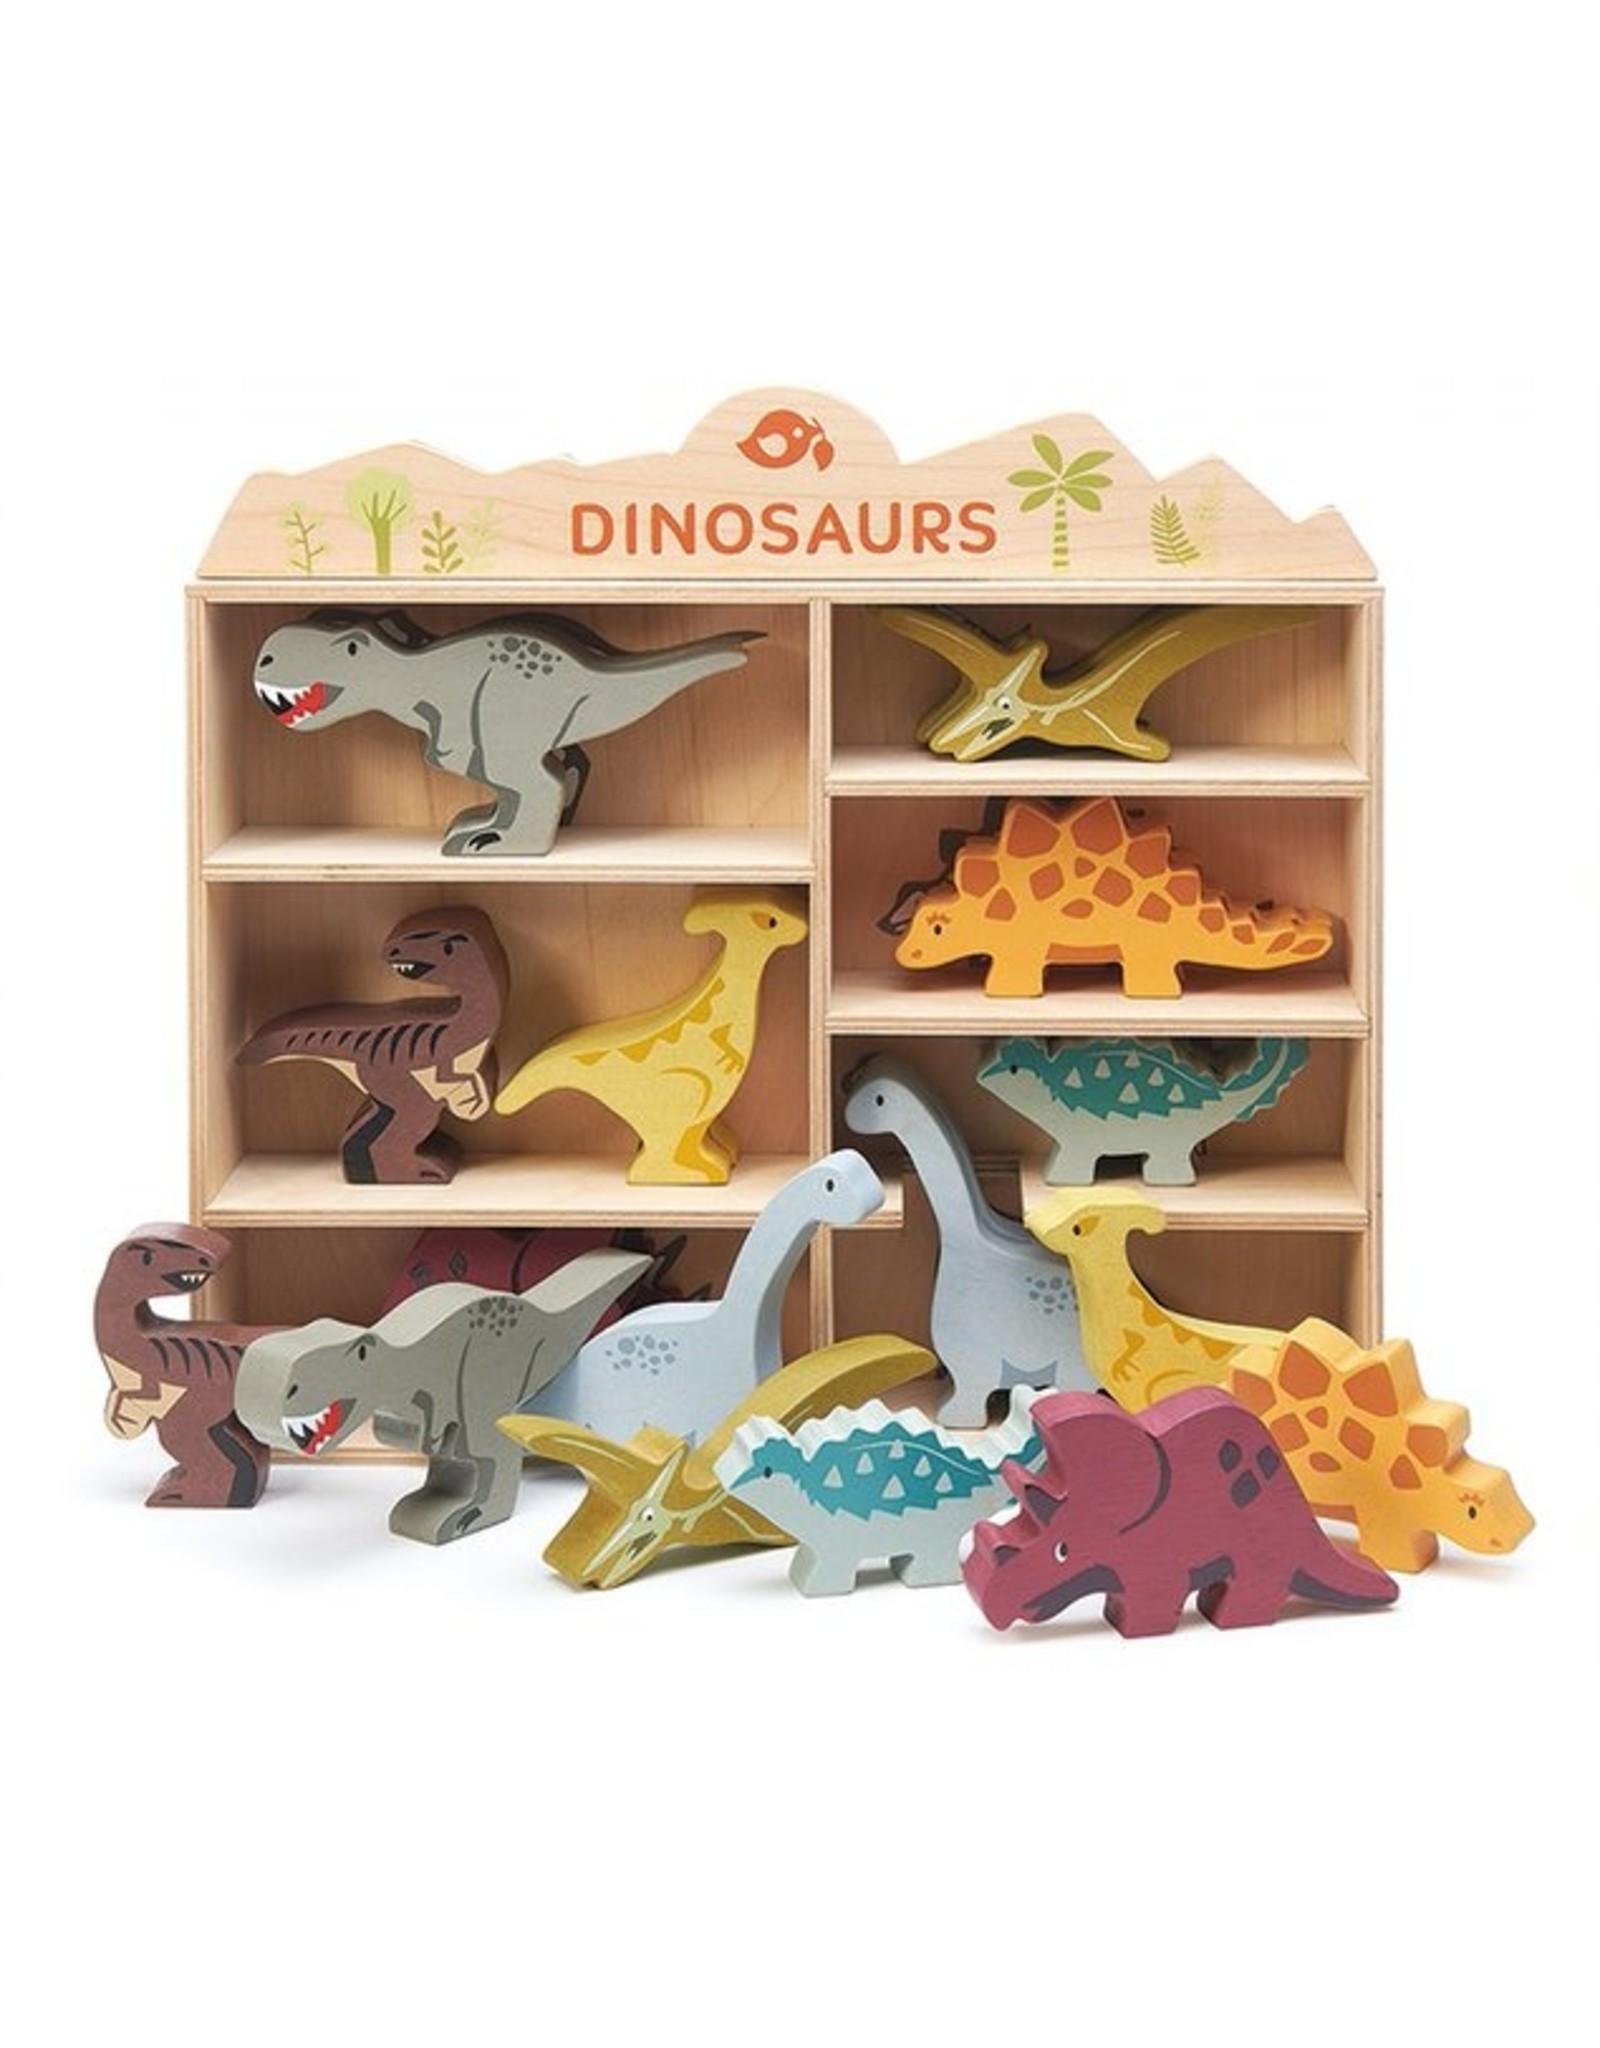 Tender Leaf Toys Tender Leaf Toys 8 Dinosaurs and Shelf